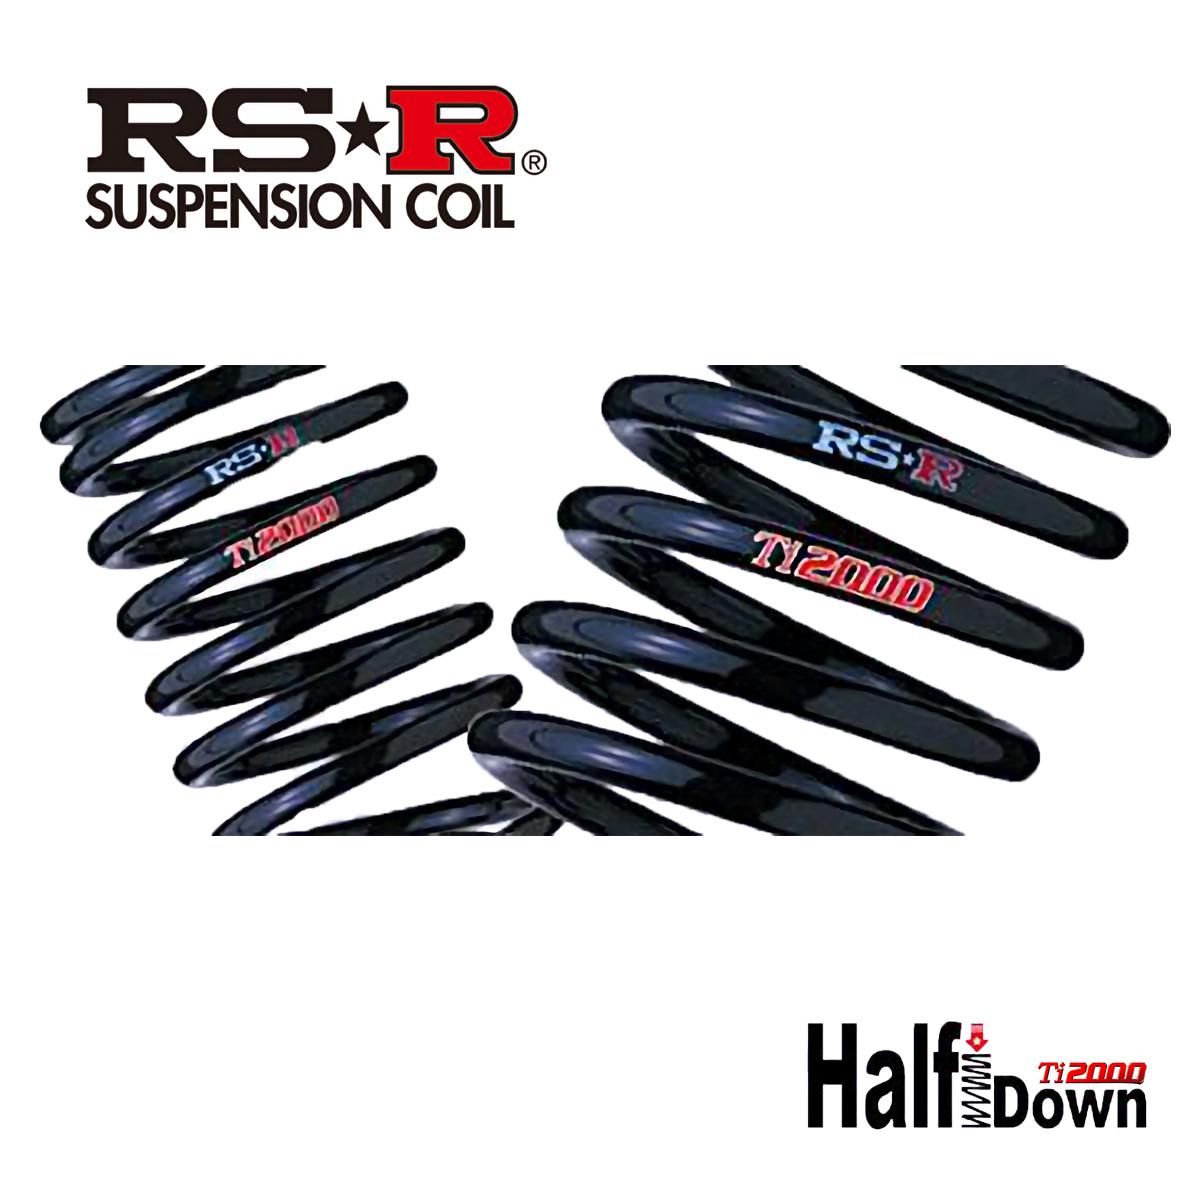 RS-R エブリィワゴン PZターボ DA17W ダウンサス スプリング 1台分 S650THD Ti2000 ハーフダウン RSR 個人宅発送追金有